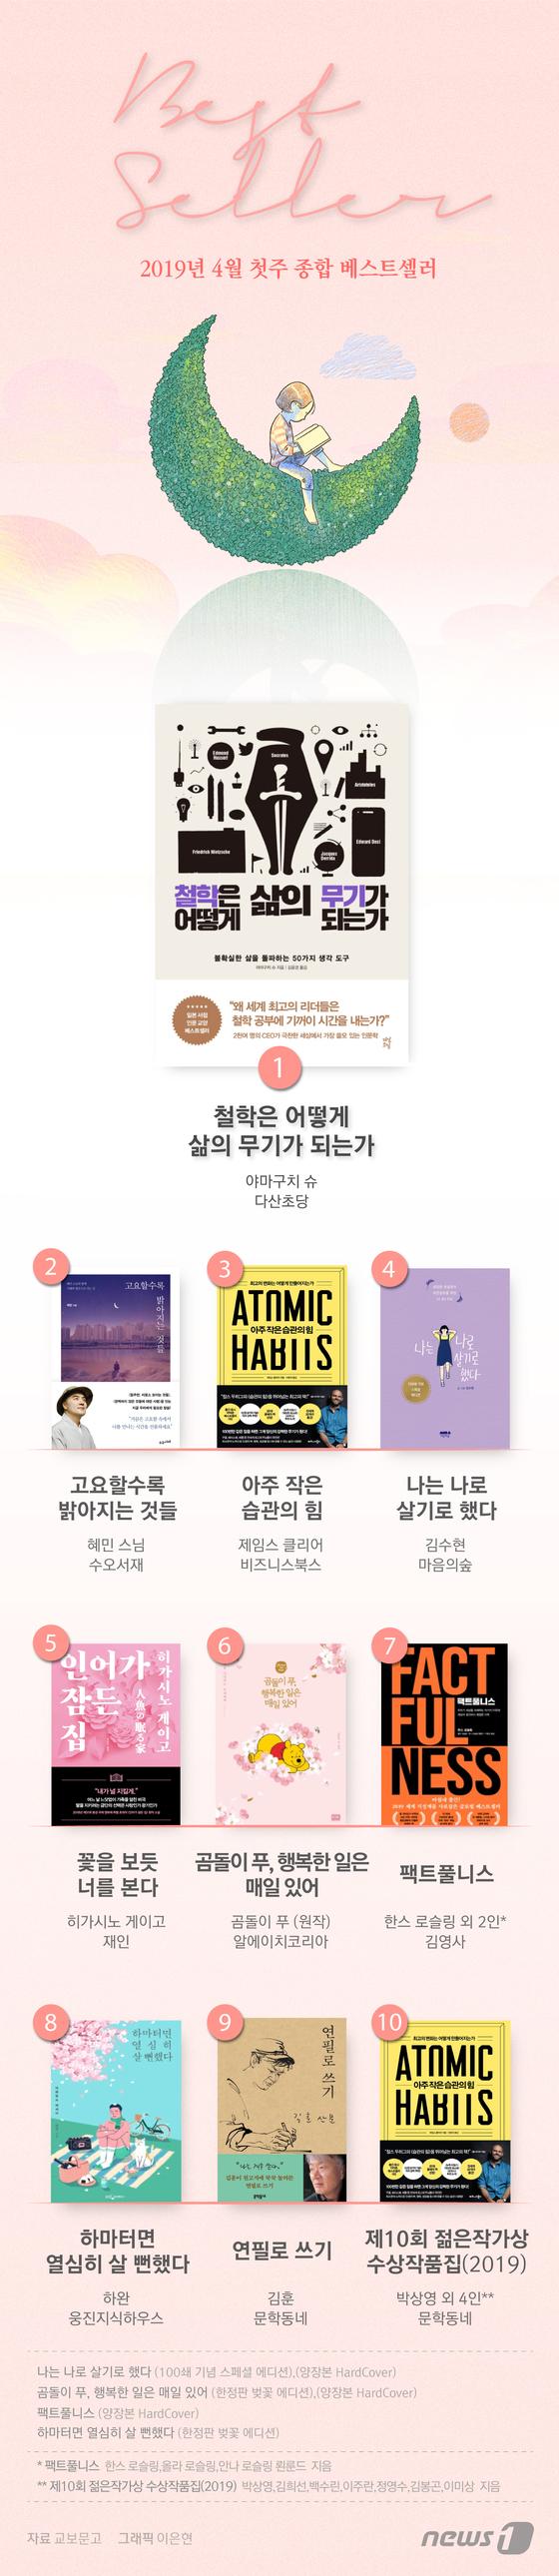 [그래픽뉴스] 4월 첫주 베스트셀러